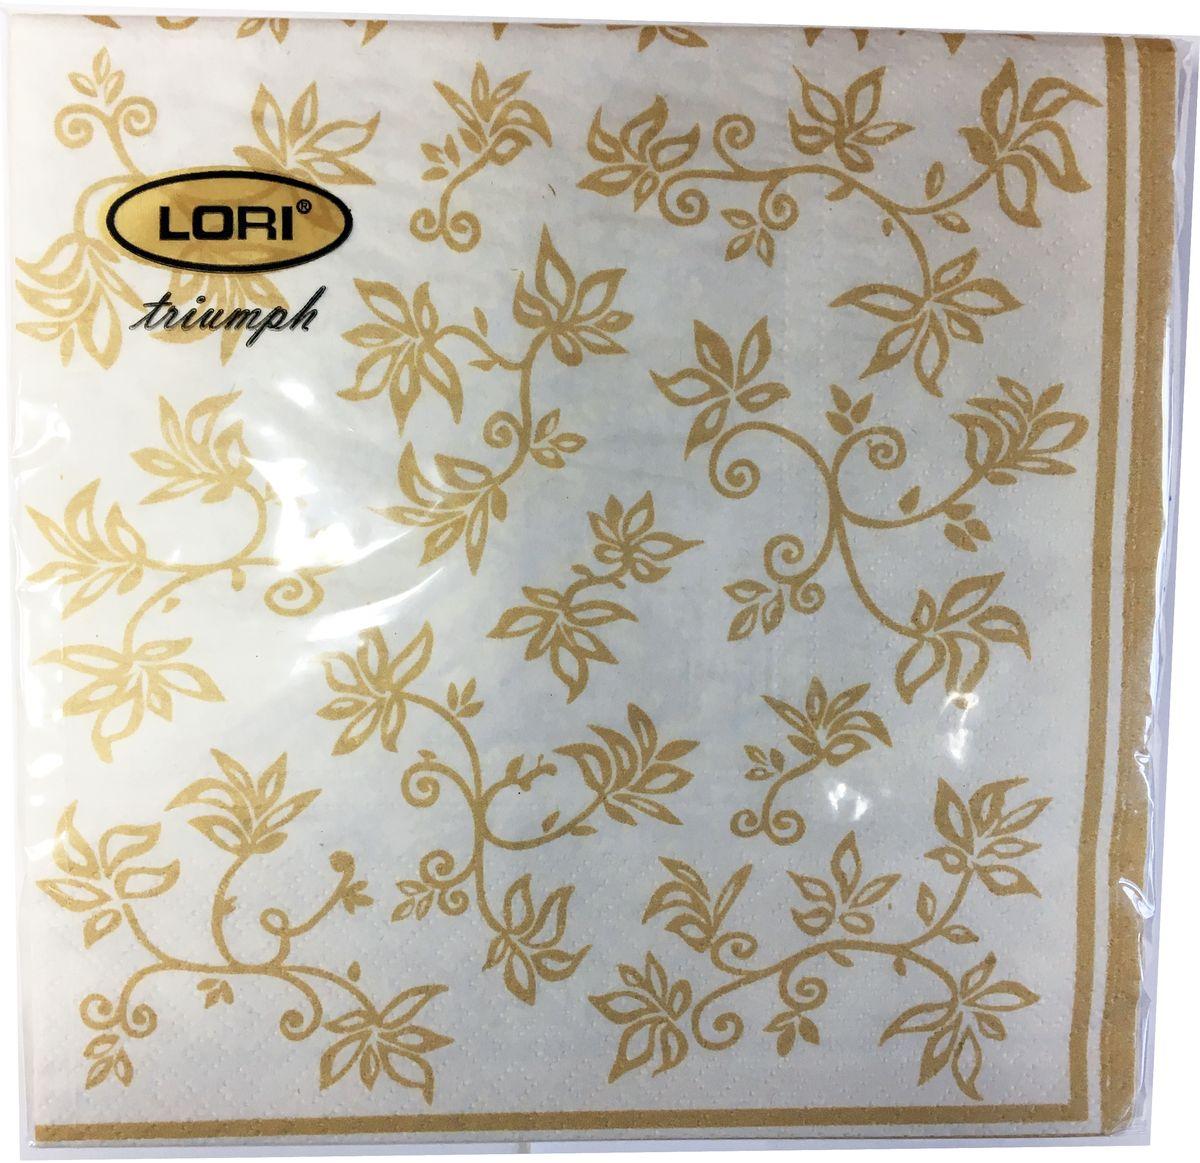 Салфетки бумажные Lori Triumph, трехслойные, цвет: коричневый, белый, 33 х 33 см, 20 шт. 5608256082Декоративные трехслойные салфетки Lori Triumph выполнены из 100% целлюлозы и оформлены ярким рисунком. Изделия станут отличным дополнением любого праздничного стола. Они отличаются необычной мягкостью, прочностью и оригинальностью. Размер салфеток в развернутом виде: 33 х 33 см.